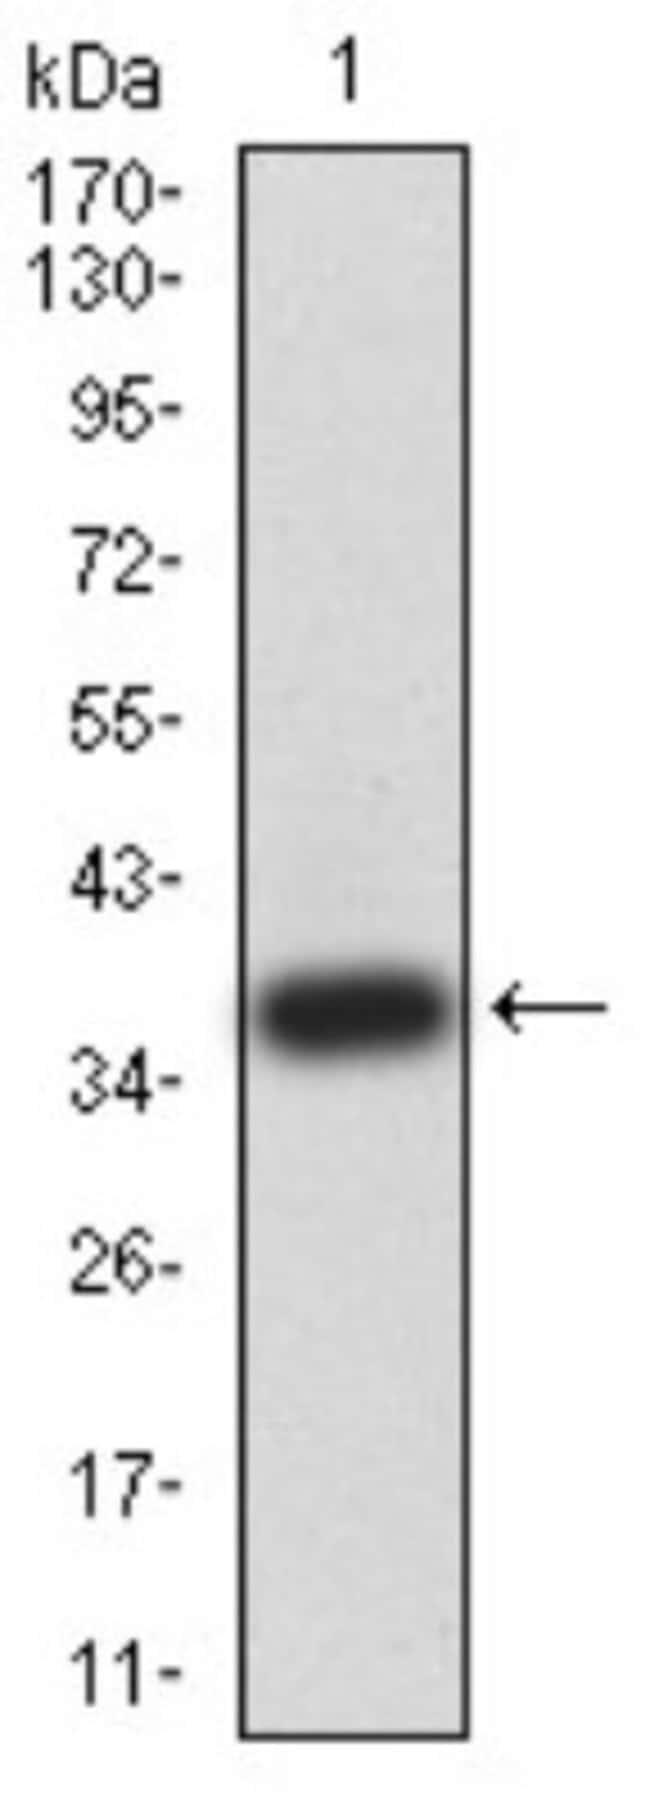 ATG2A Mouse anti-Human, Clone: 4E6D4, Novus Biologicals 0.1 ml; Unconjugated